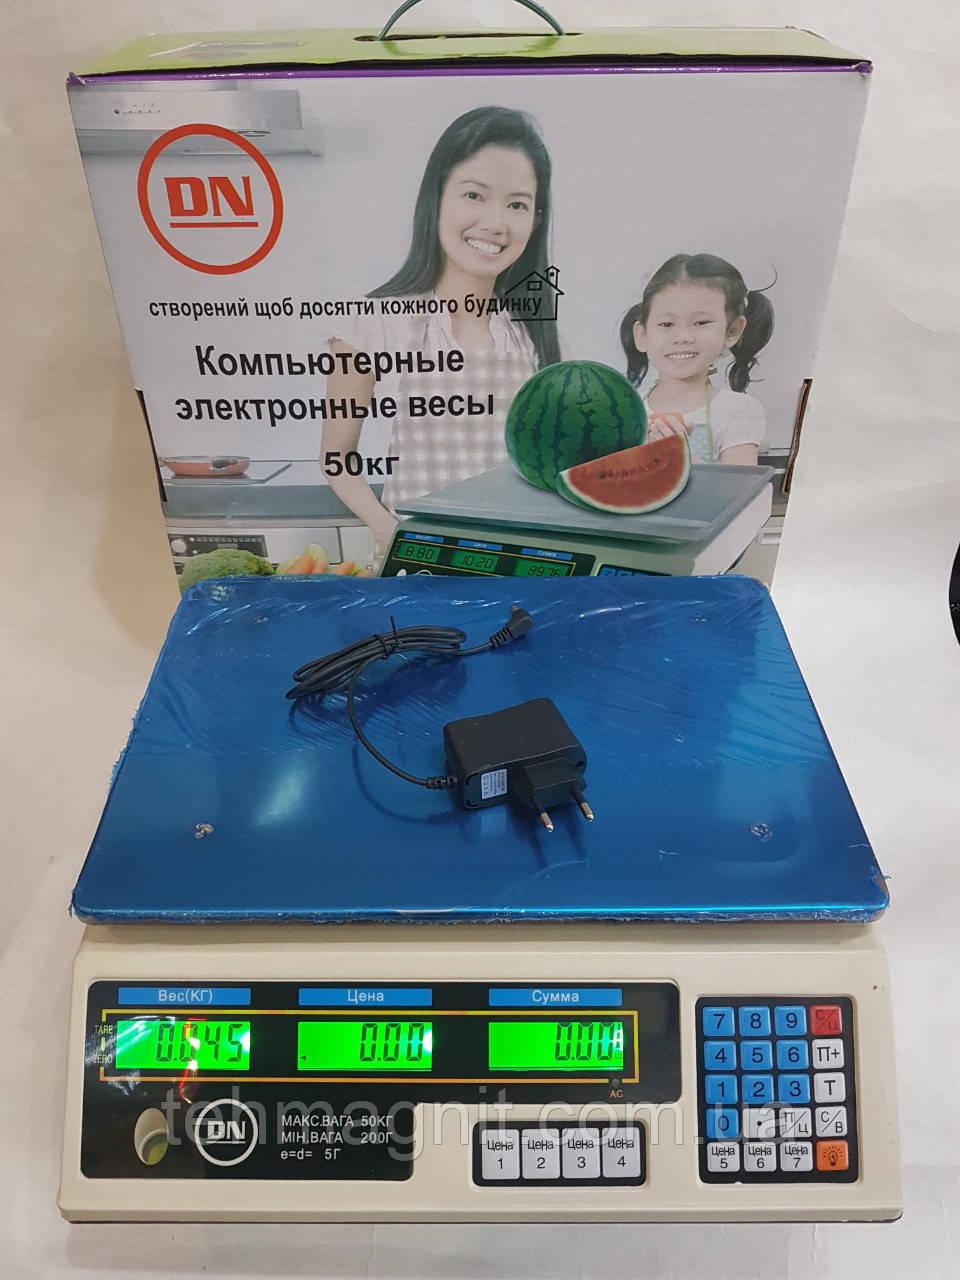 Весы торговые электронные со счетчиком цены на 50кг DN  А-Плюс  6V